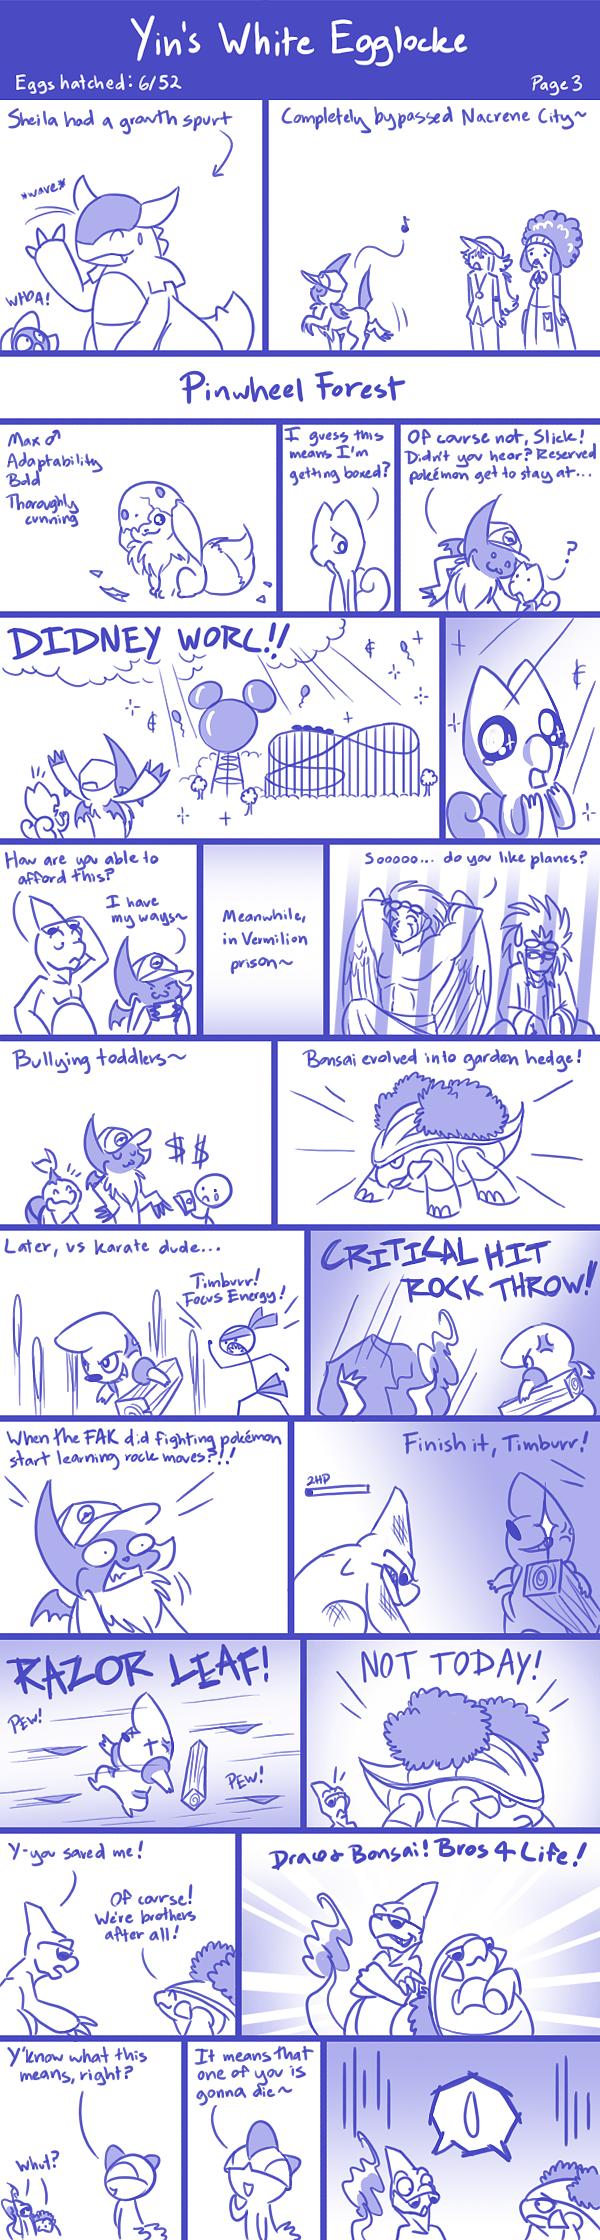 Yin's White Egglocke - Page 3 by YinDragon